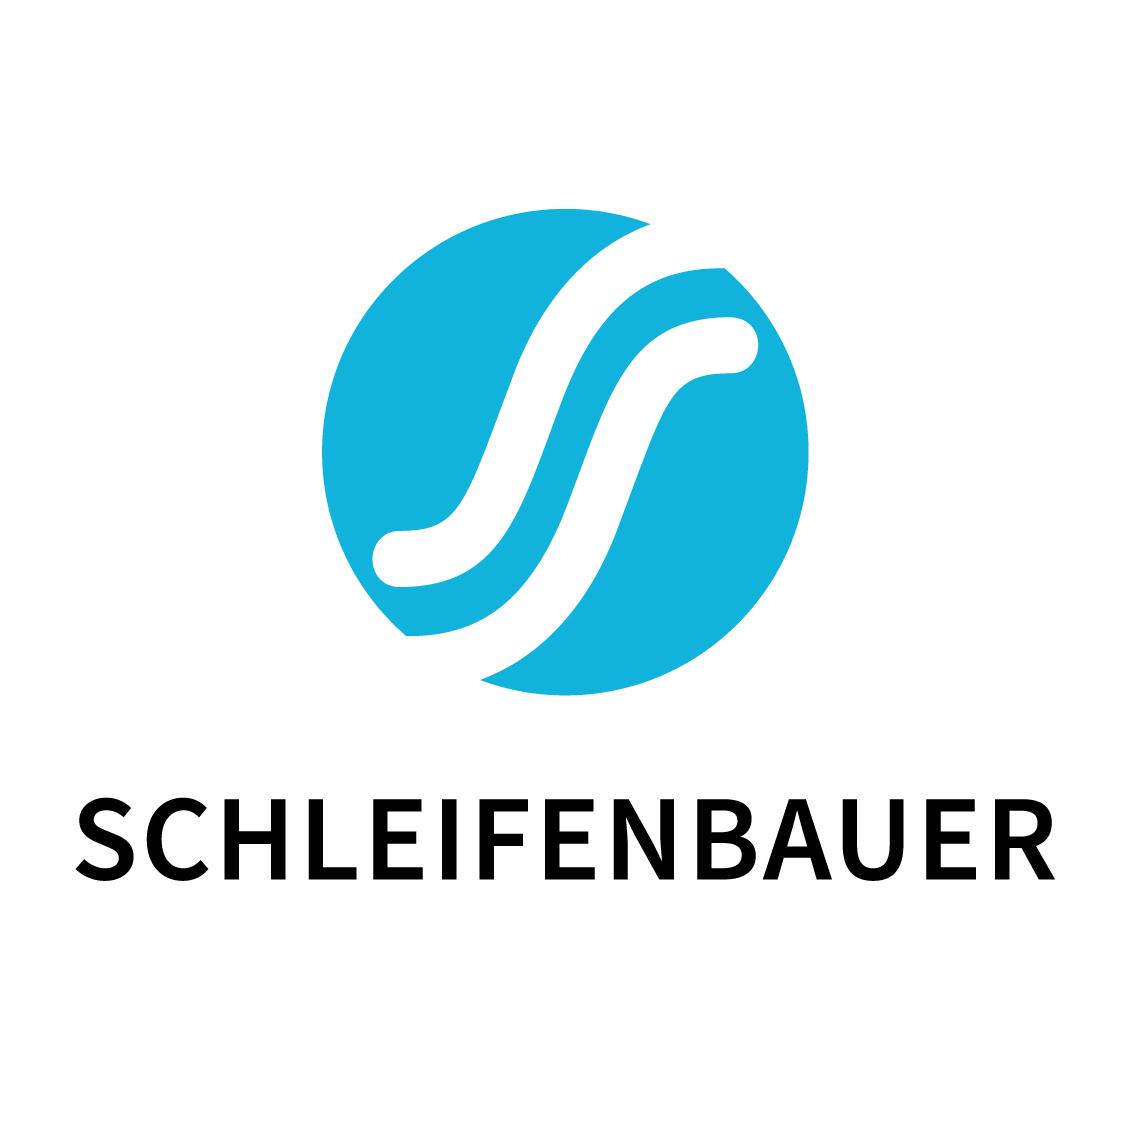 Schleifenbauer Deutschland GmbH